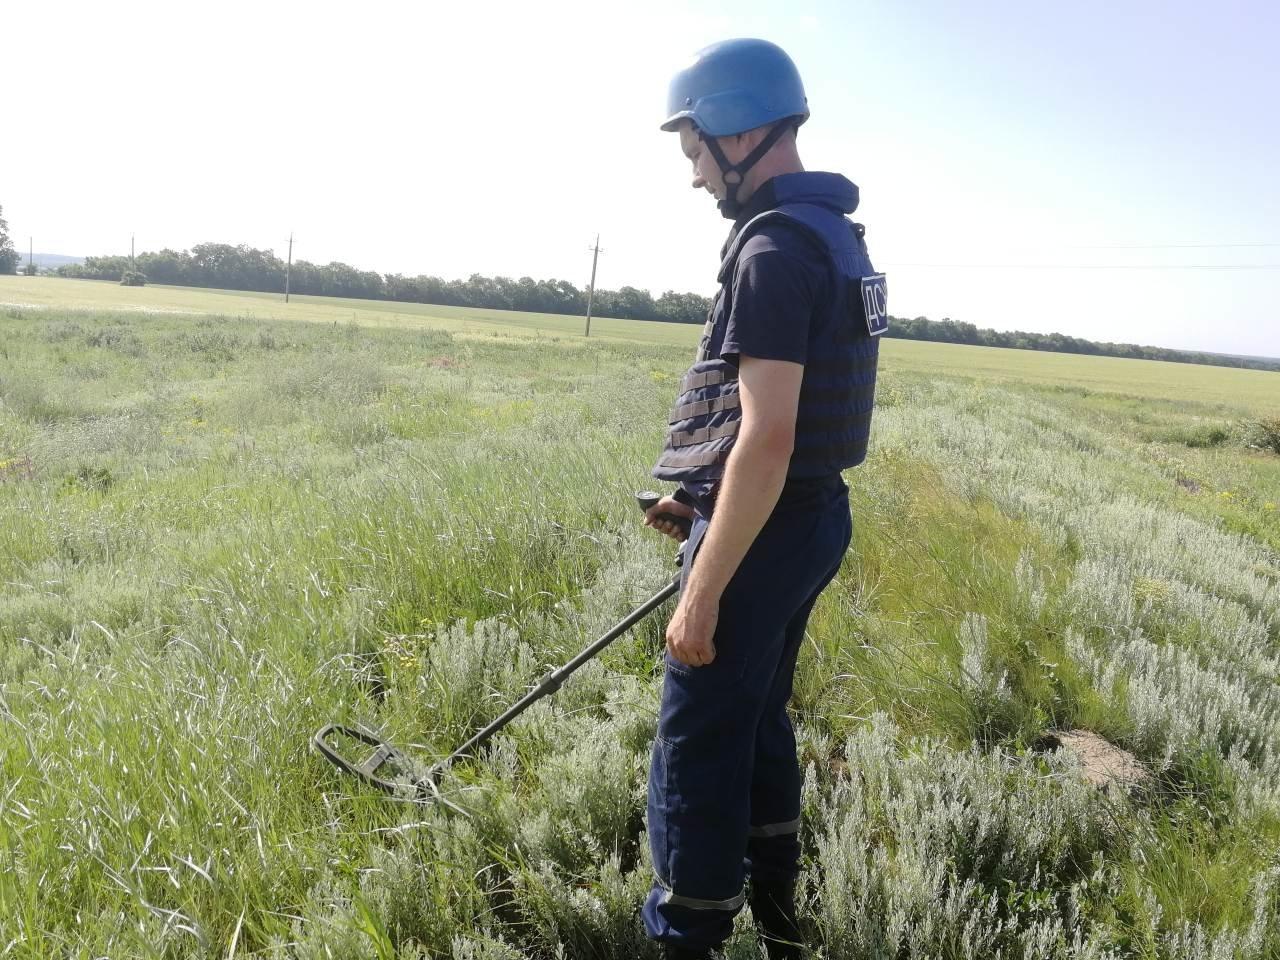 На Кіровоградщині знову знайшли і знищили артилерійські снаряди (ФОТО), фото-1